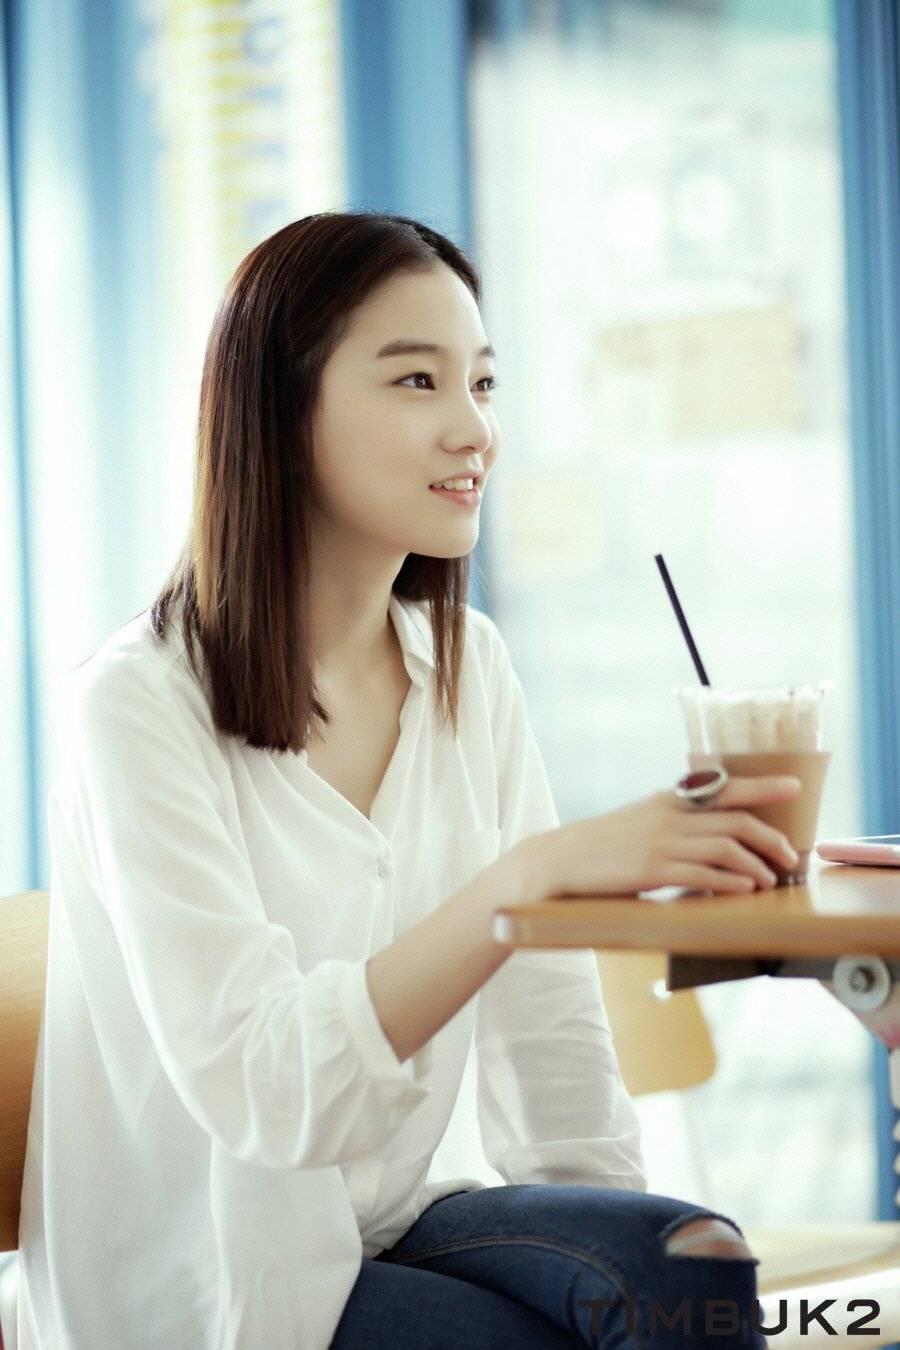 Korean office movie full httpbitly2qbclyb - 2 9